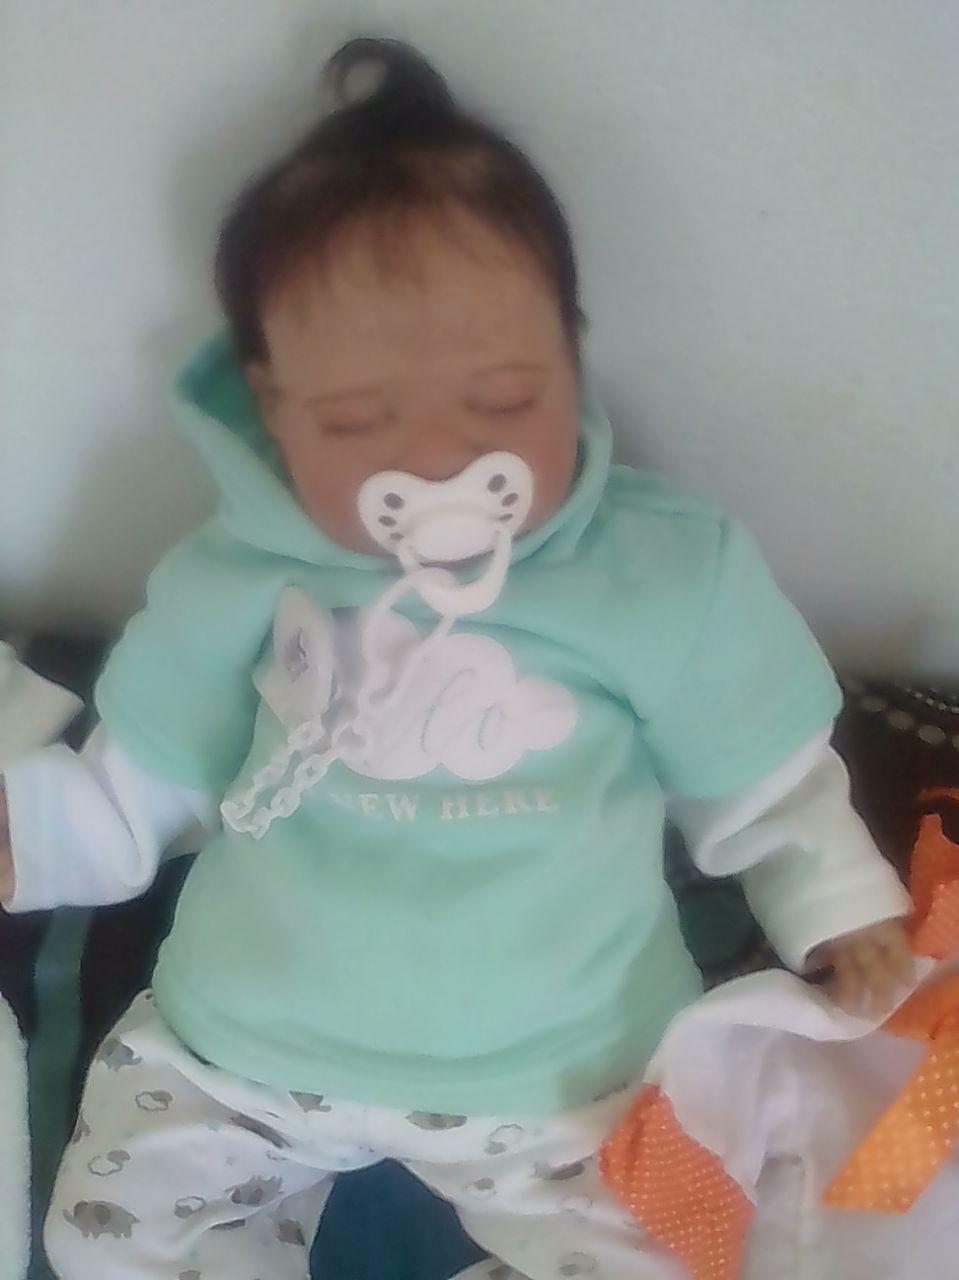 New Life Like Baby born Doll